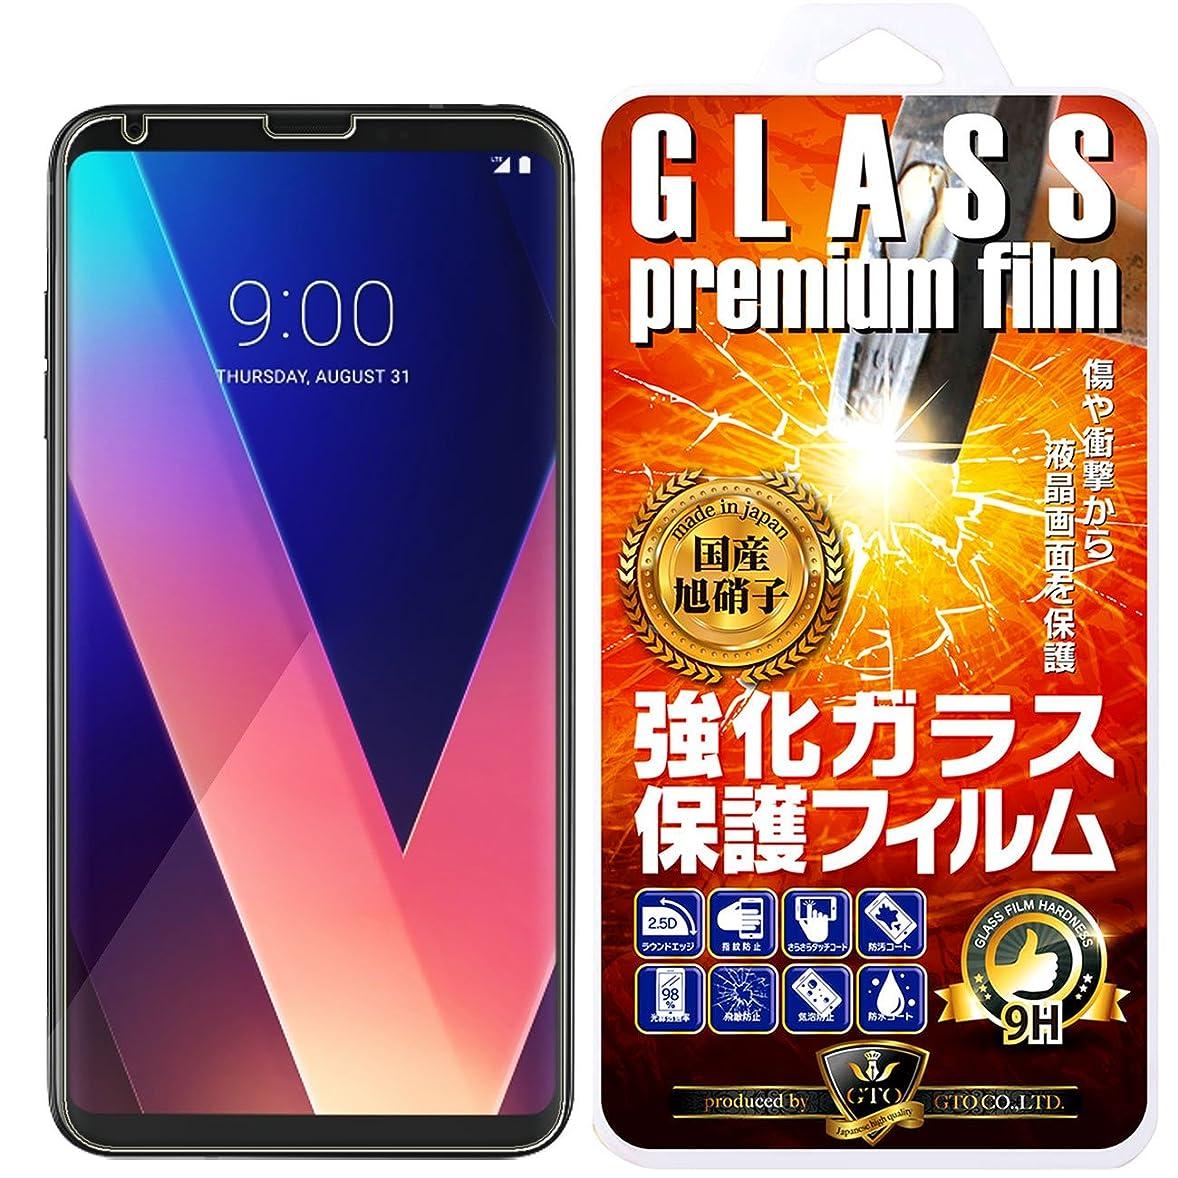 小康クルー精算【GTO】【3D全面保護全透明】LG isai V30 Plus LGV35 / LG V30s ThinQ au/docomo L-01K / JOJO L-02K / LG V30 / SIMフリー V30s 強化ガラス 国産旭ガラス採用 強化ガラス液晶保護フィルム ガラスフィルム 耐指紋 撥油性 表面硬度 9H 0.2mmのガラスを採用 2.5D ラウンドエッジ加工 液晶ガラスフィルム